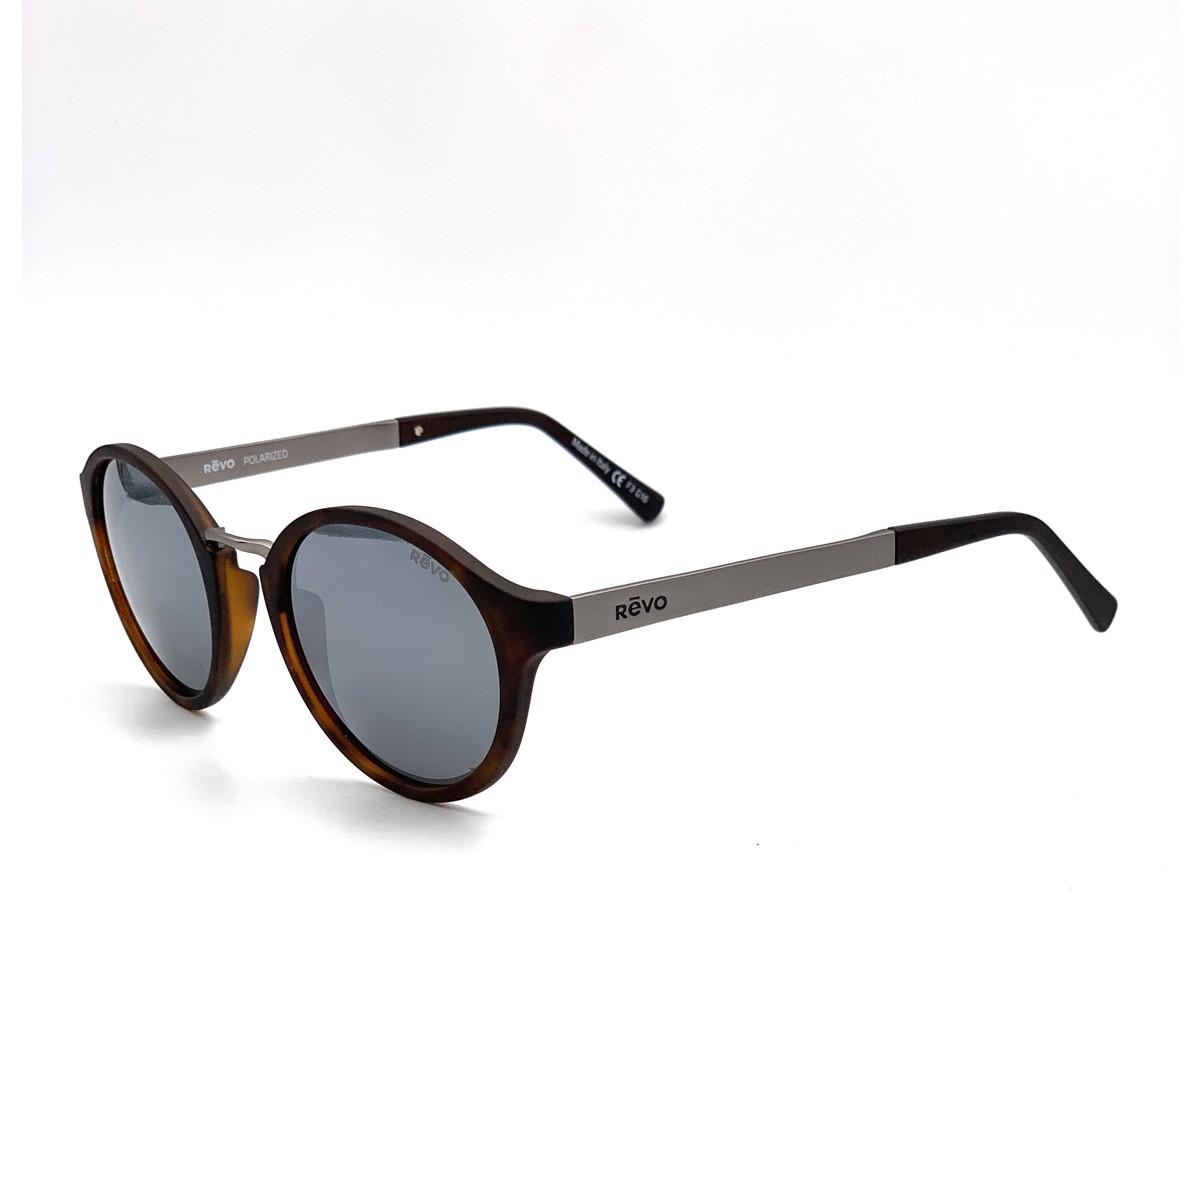 Revo RE 1043 | Occhiali da sole Uomo